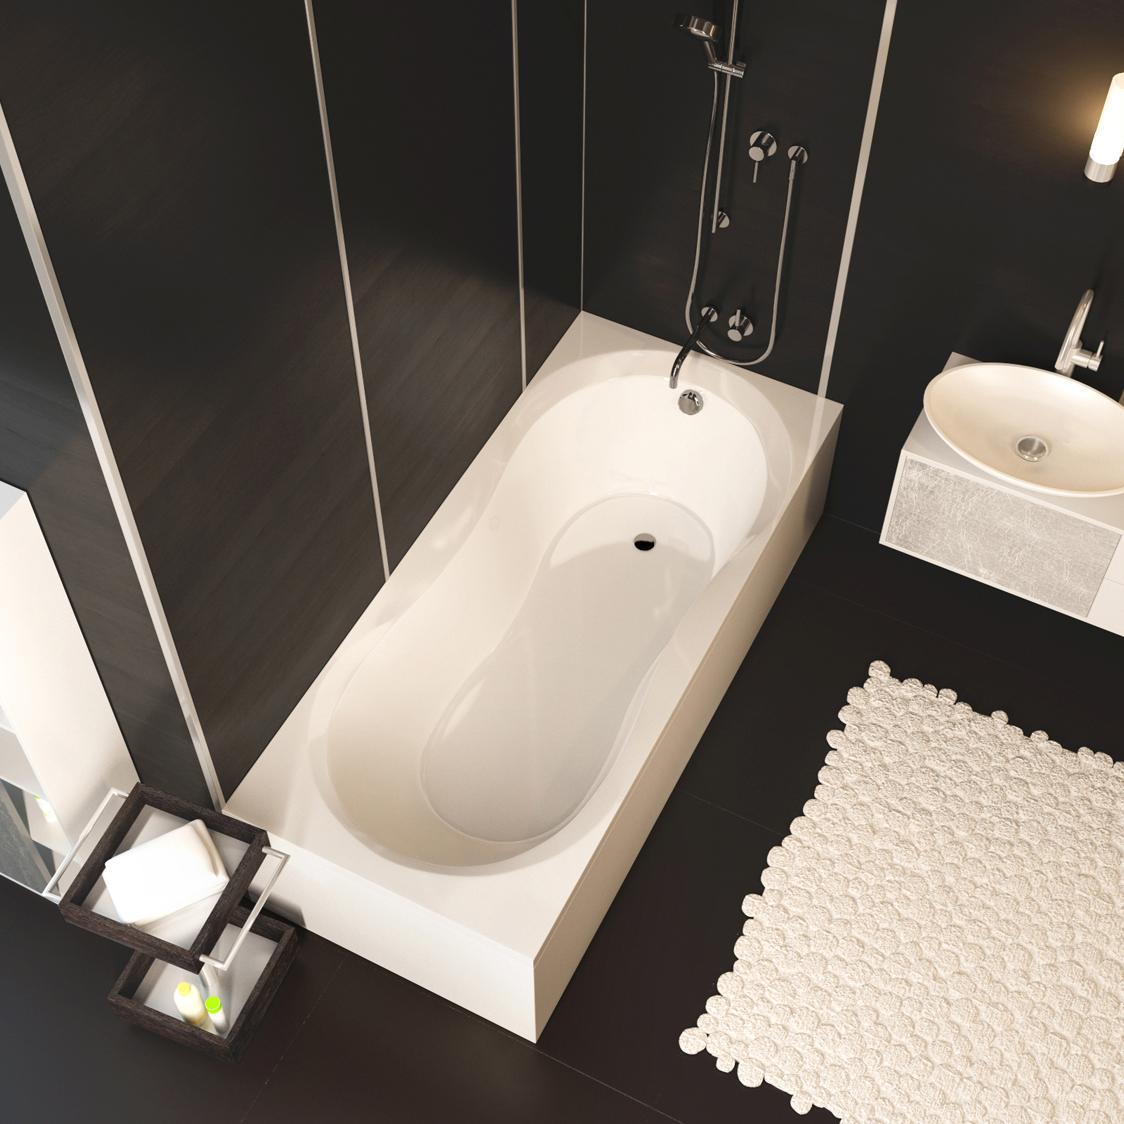 Акриловая ванна Alpen Mars 110x70 акриловая ванна alpen mars 170x75 комплект